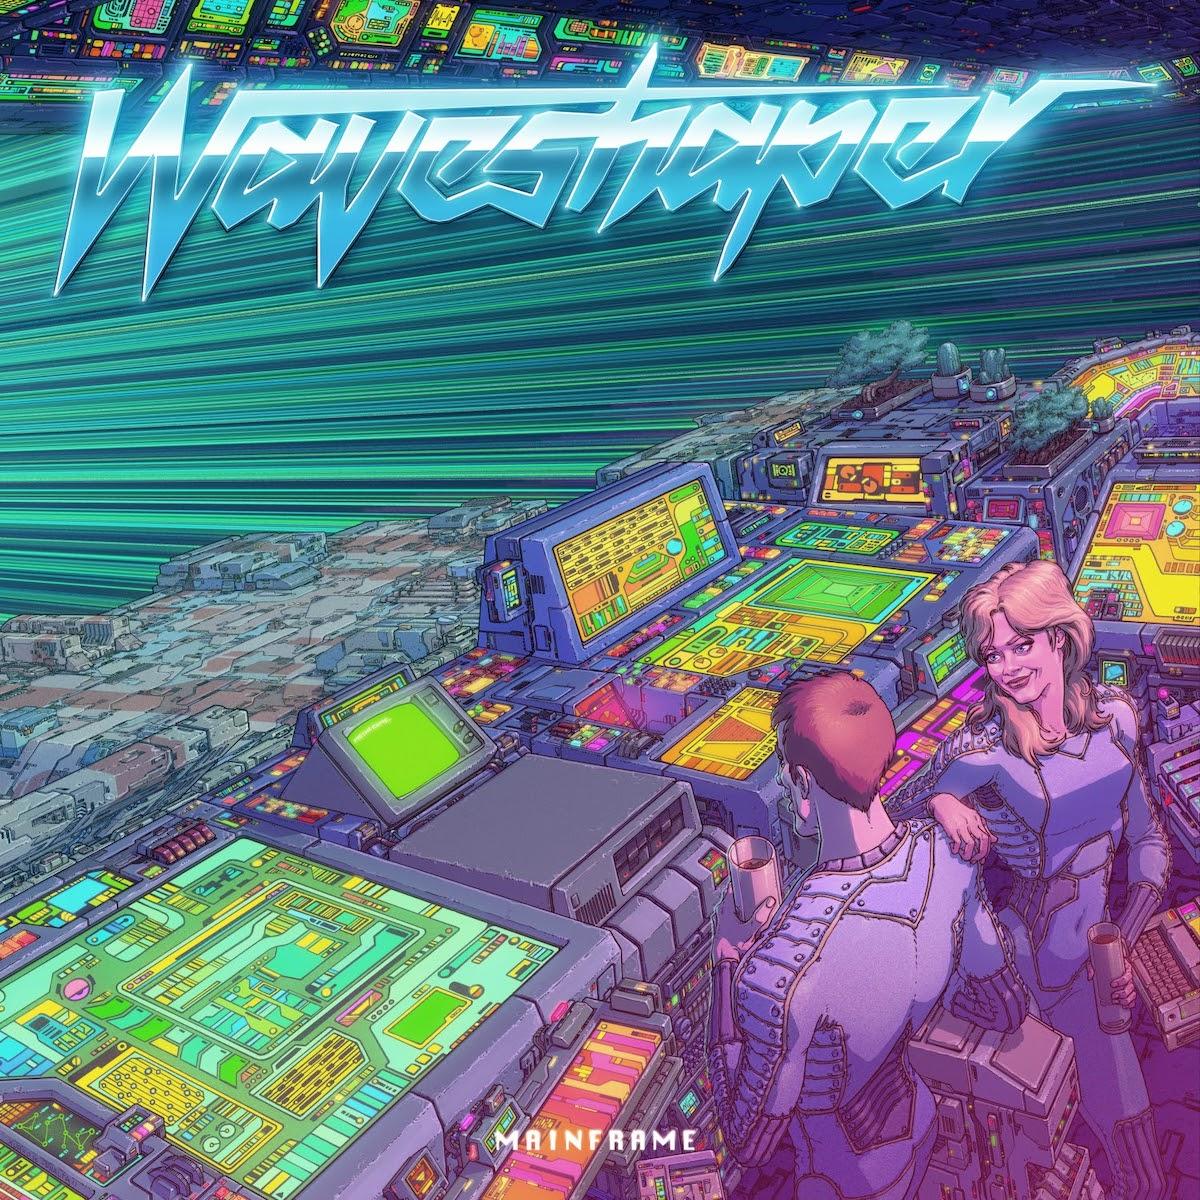 Read more about the article Le célèbre producteur de synthwave, Waveshaper, annonce la sortie de son prochain album « Mainframe »